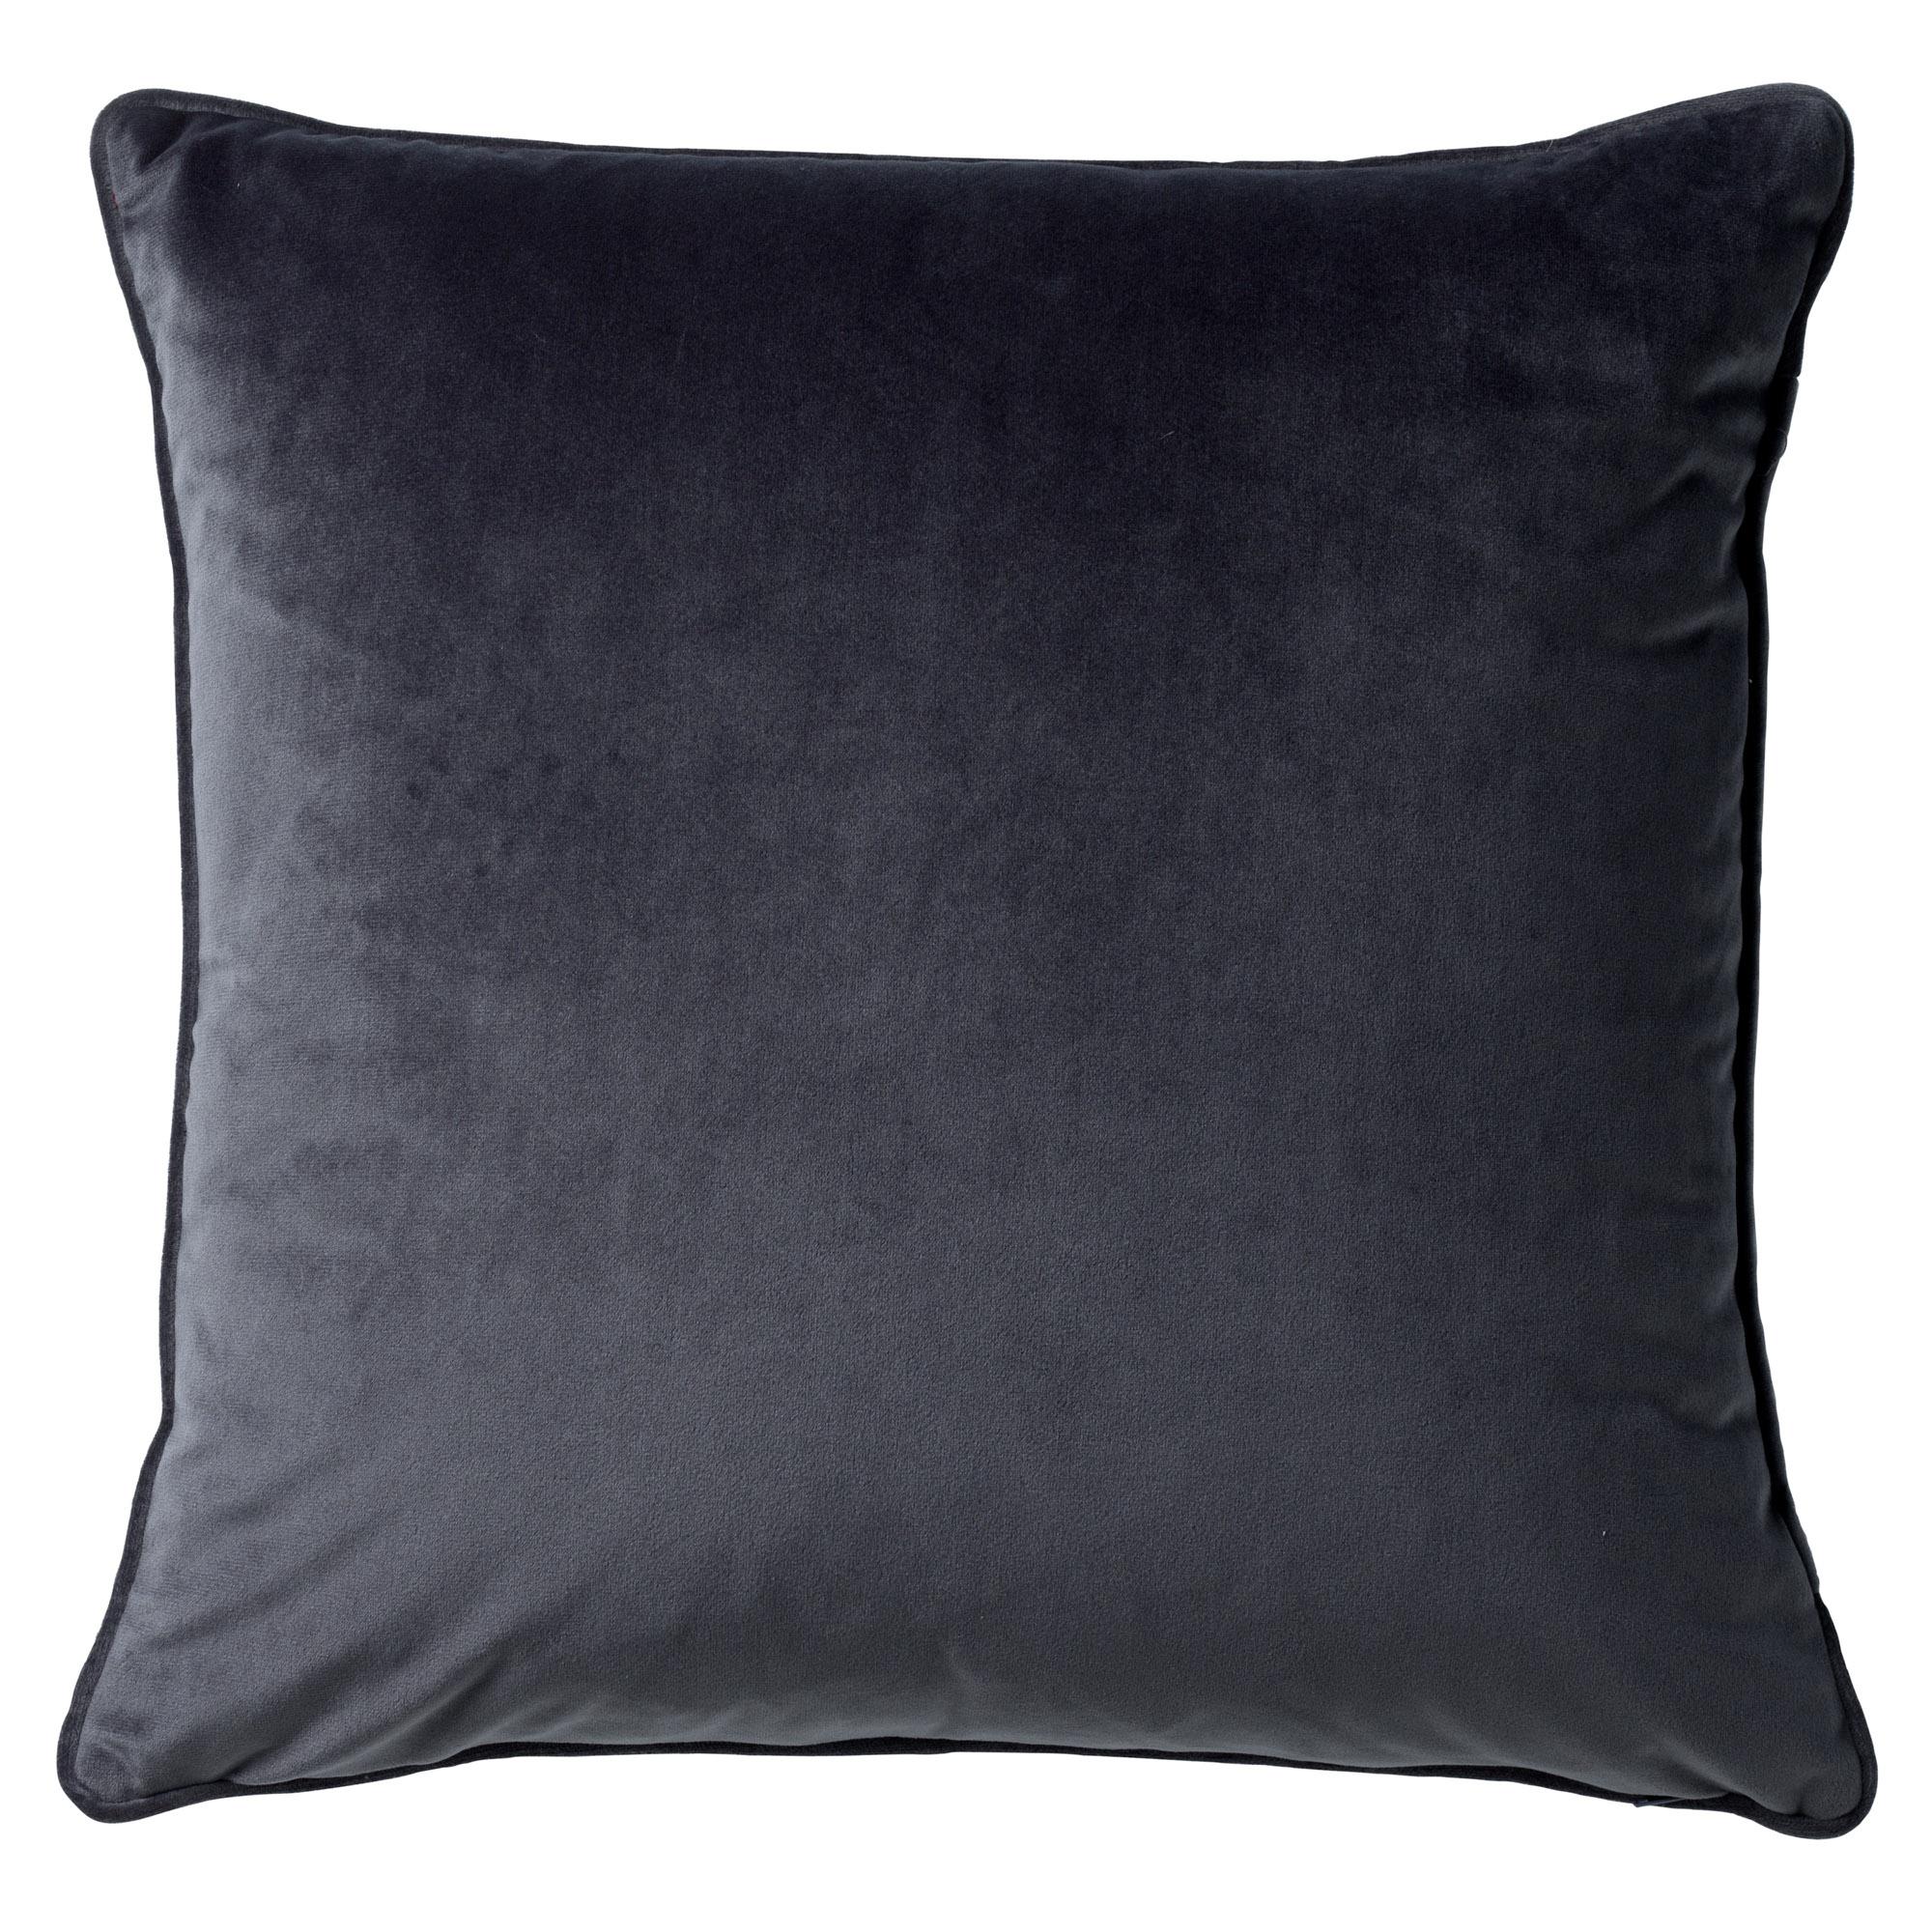 FINN - Sierkussen velvet Charcoal Grey 45x45 cm